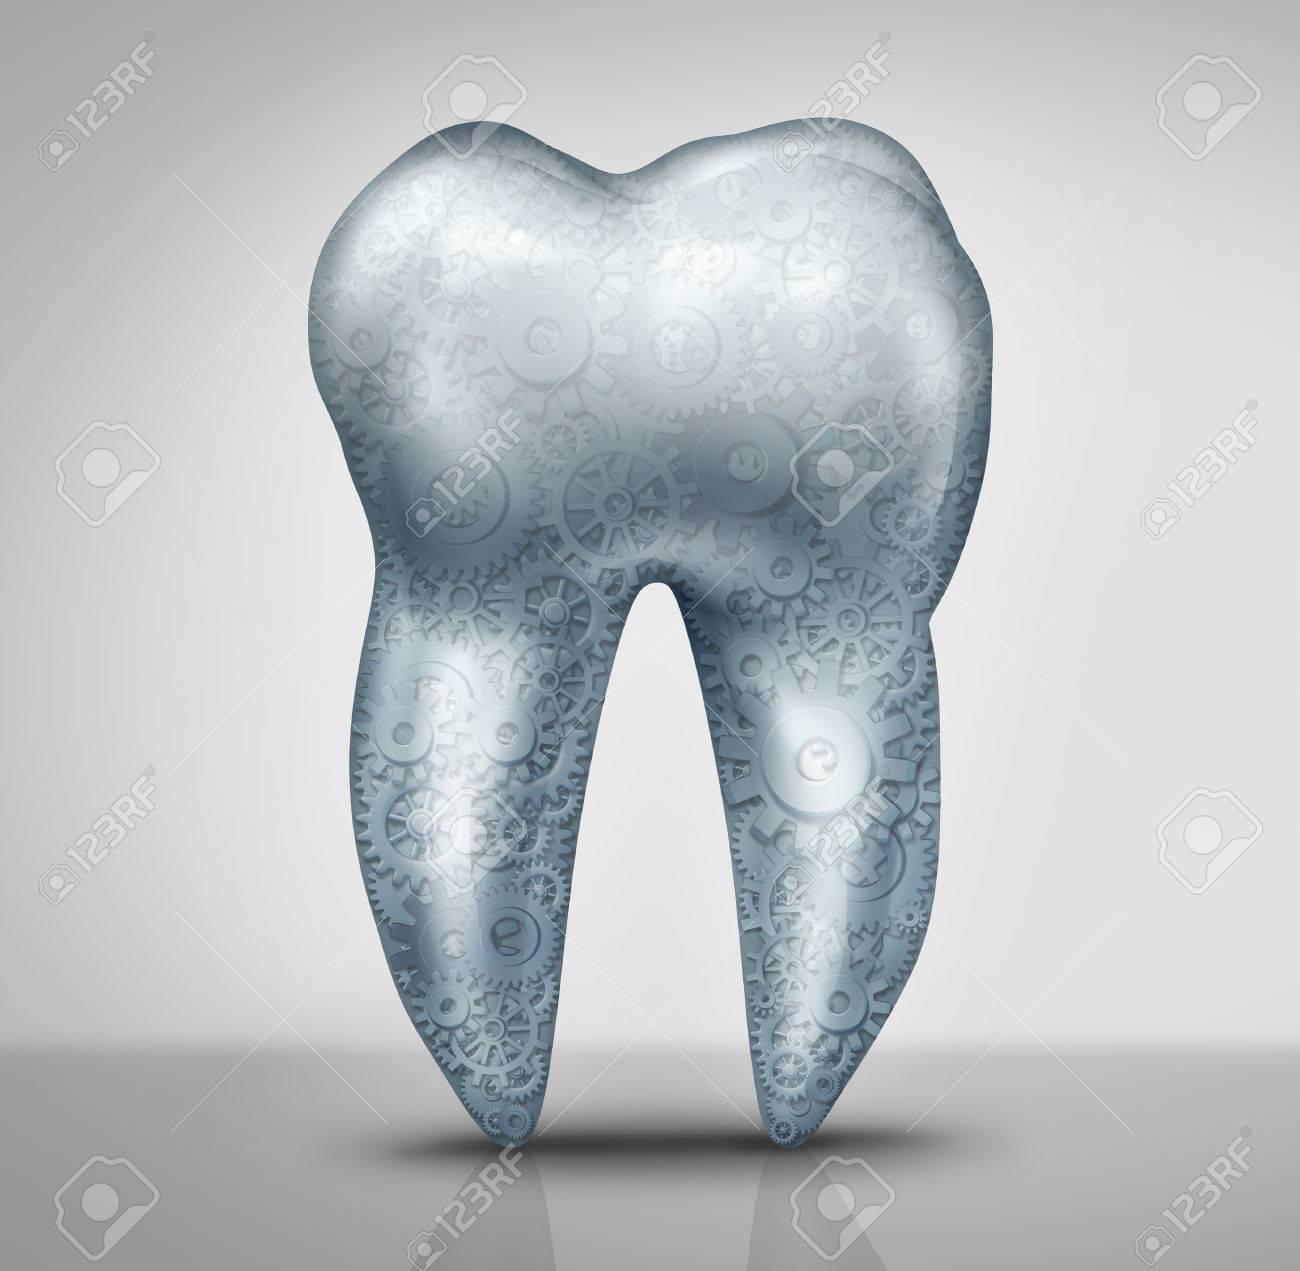 Concepto De La Tecnología Dental Como Un Diente Molar Con Engranajes ...